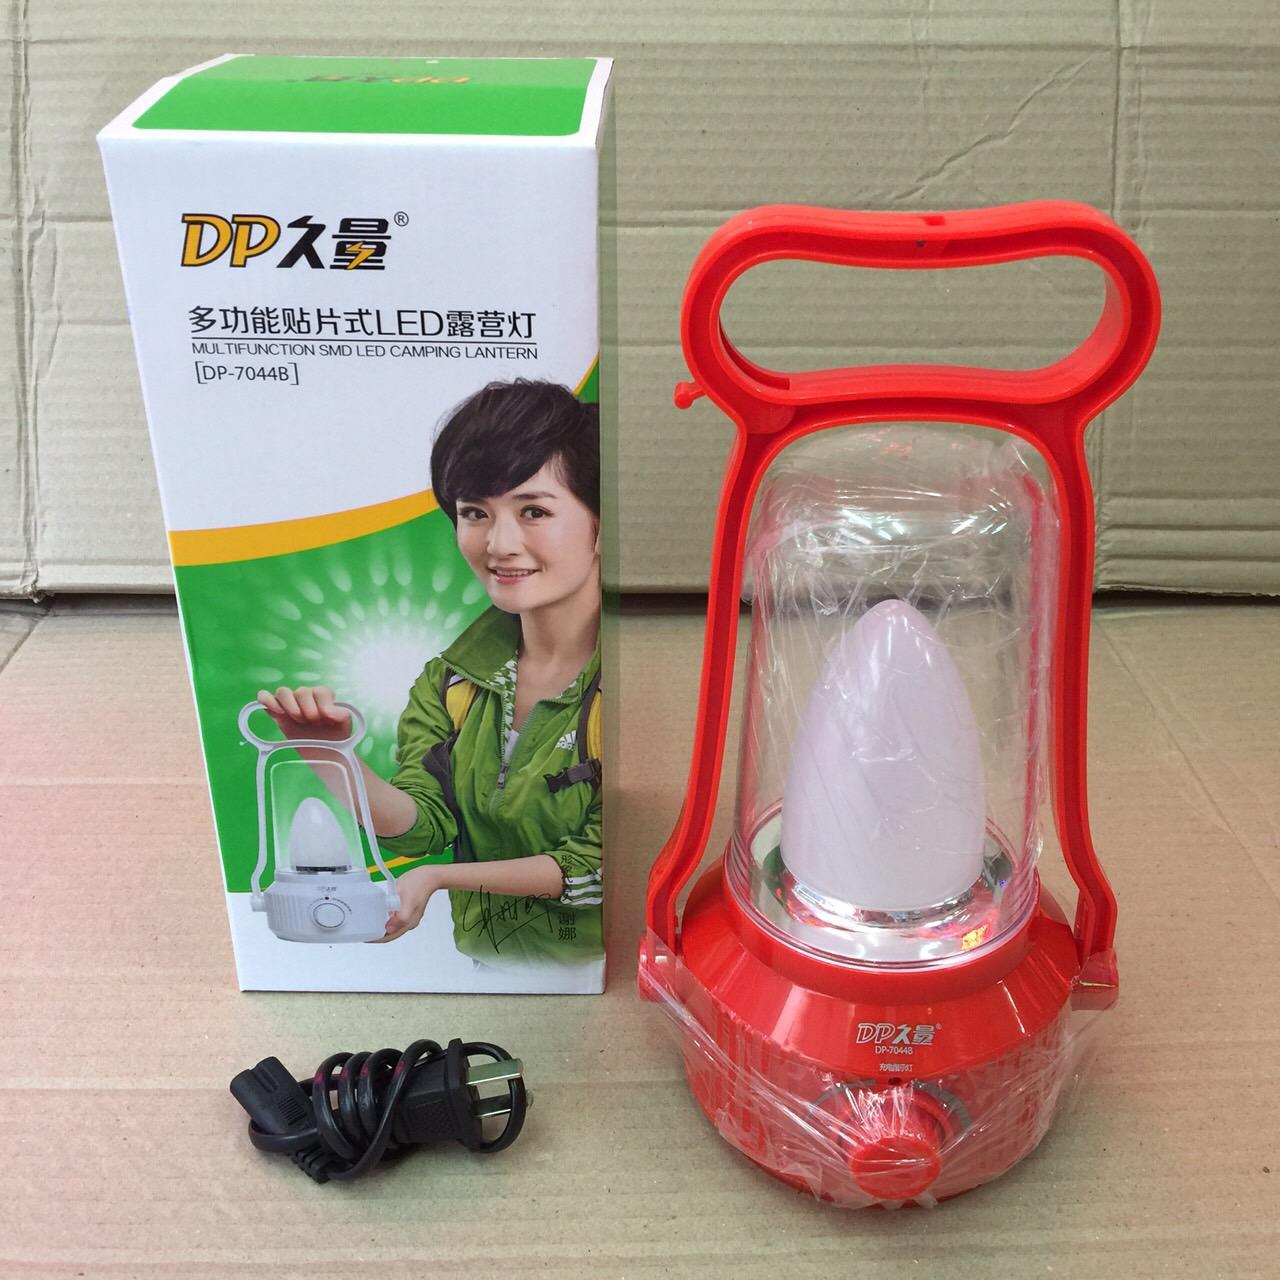 ตะเกียง LED DP-7044B